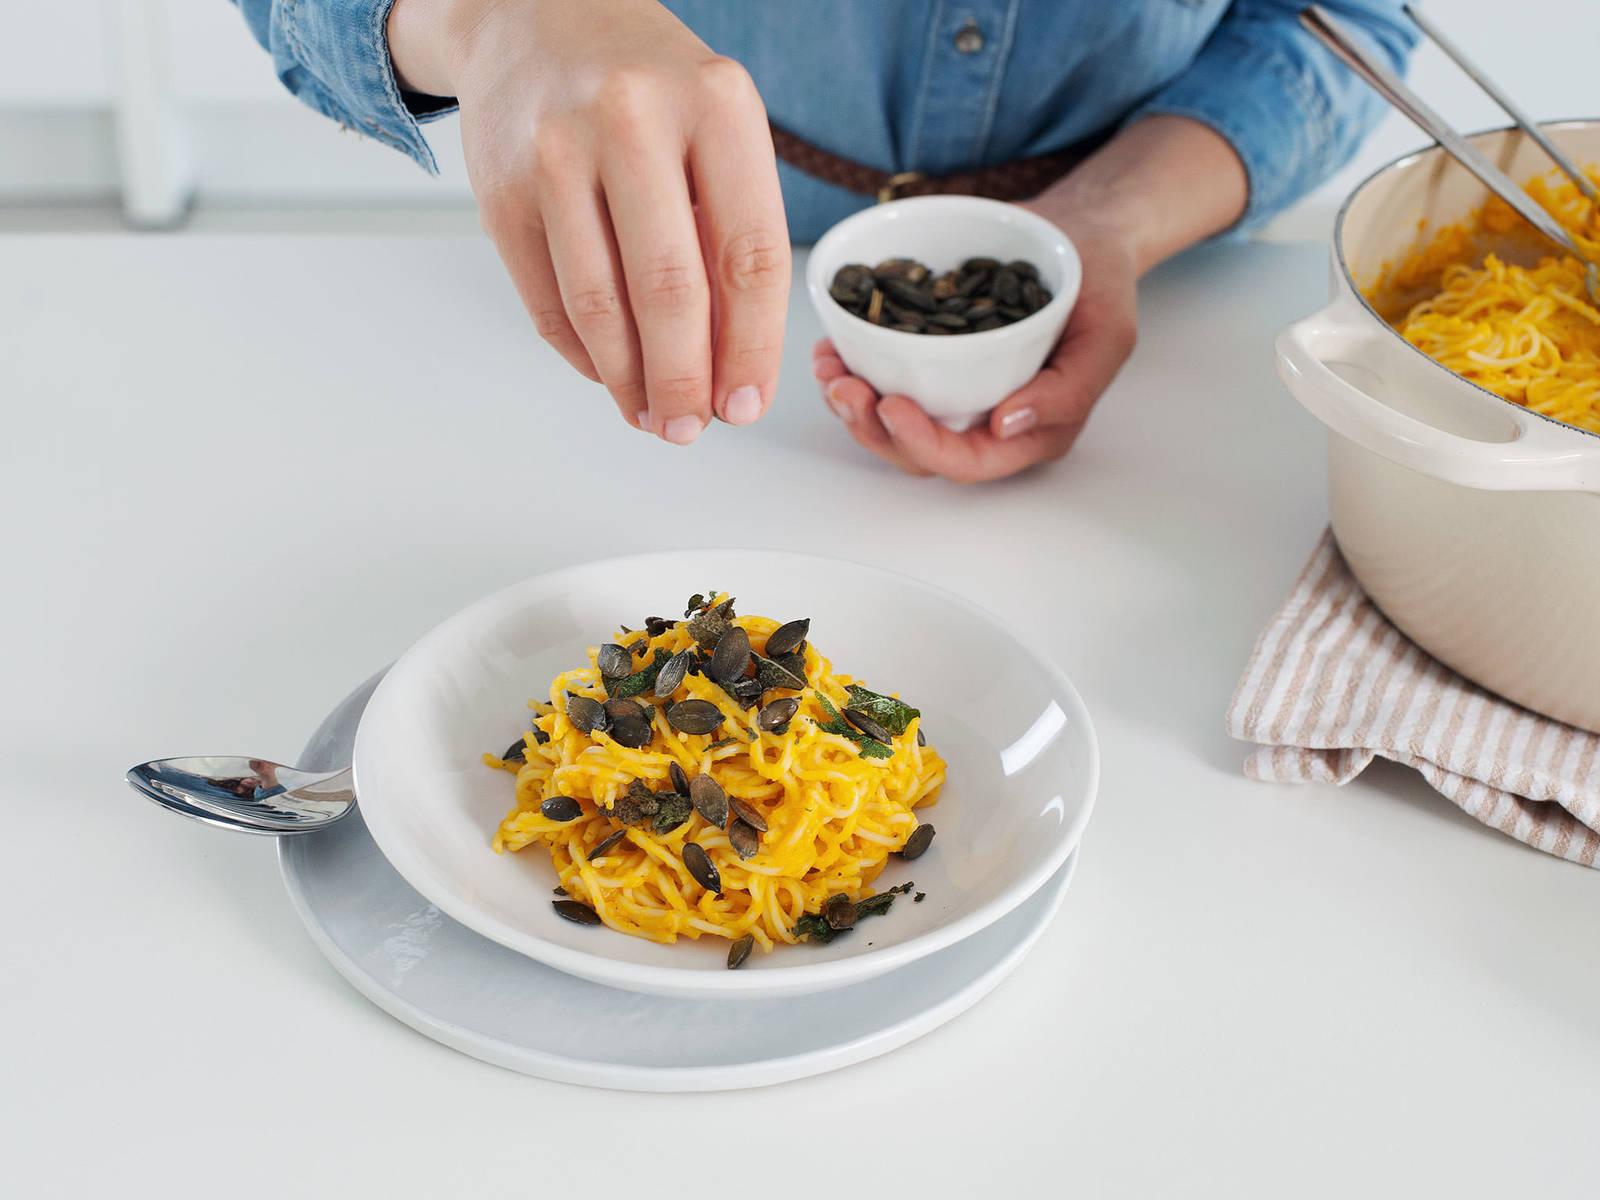 倒进碗中;饰以鼠尾草叶、南瓜籽和新鲜擦屑的帕马森干酪。尽情享用吧!